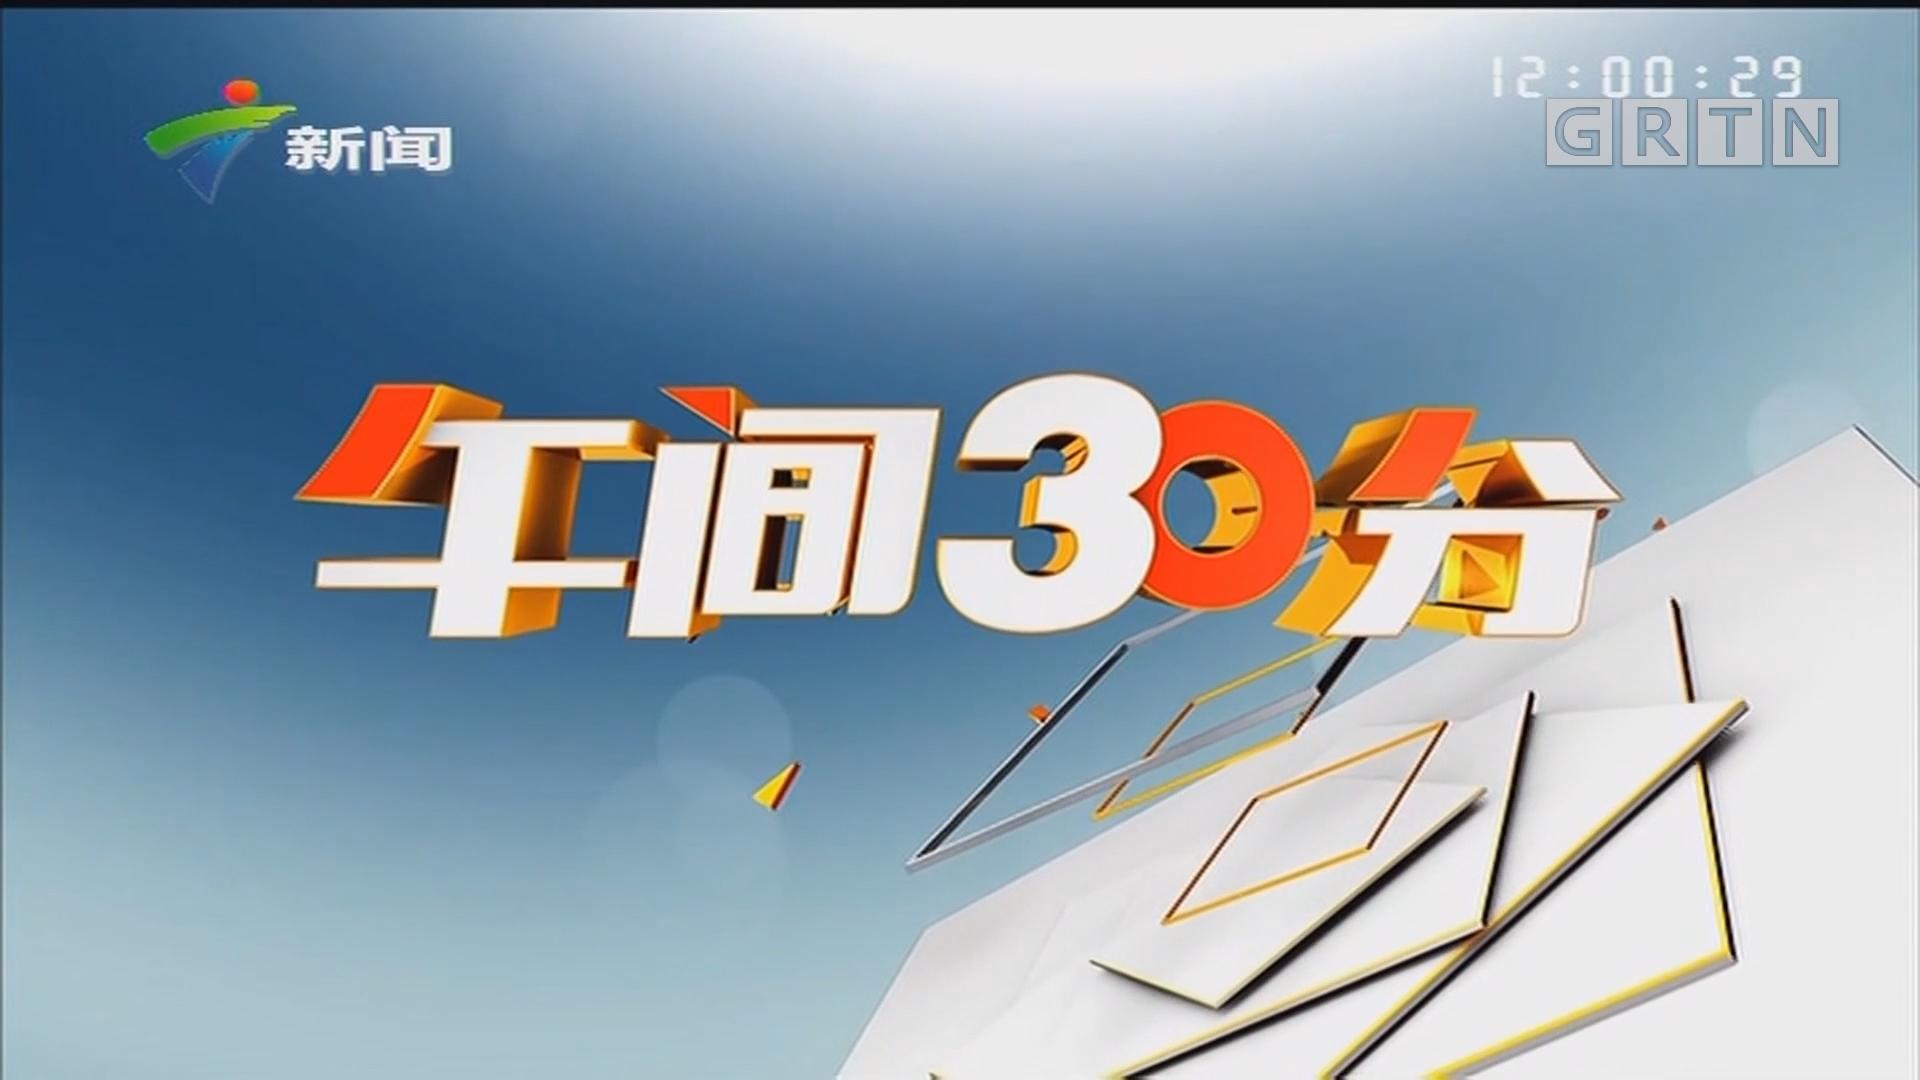 """[HD][2019-09-03]午间30分:南海热带低压加强为第14号台风""""剑鱼"""":昨天到今晨 我省大部市县出现中到大雨局部暴雨"""